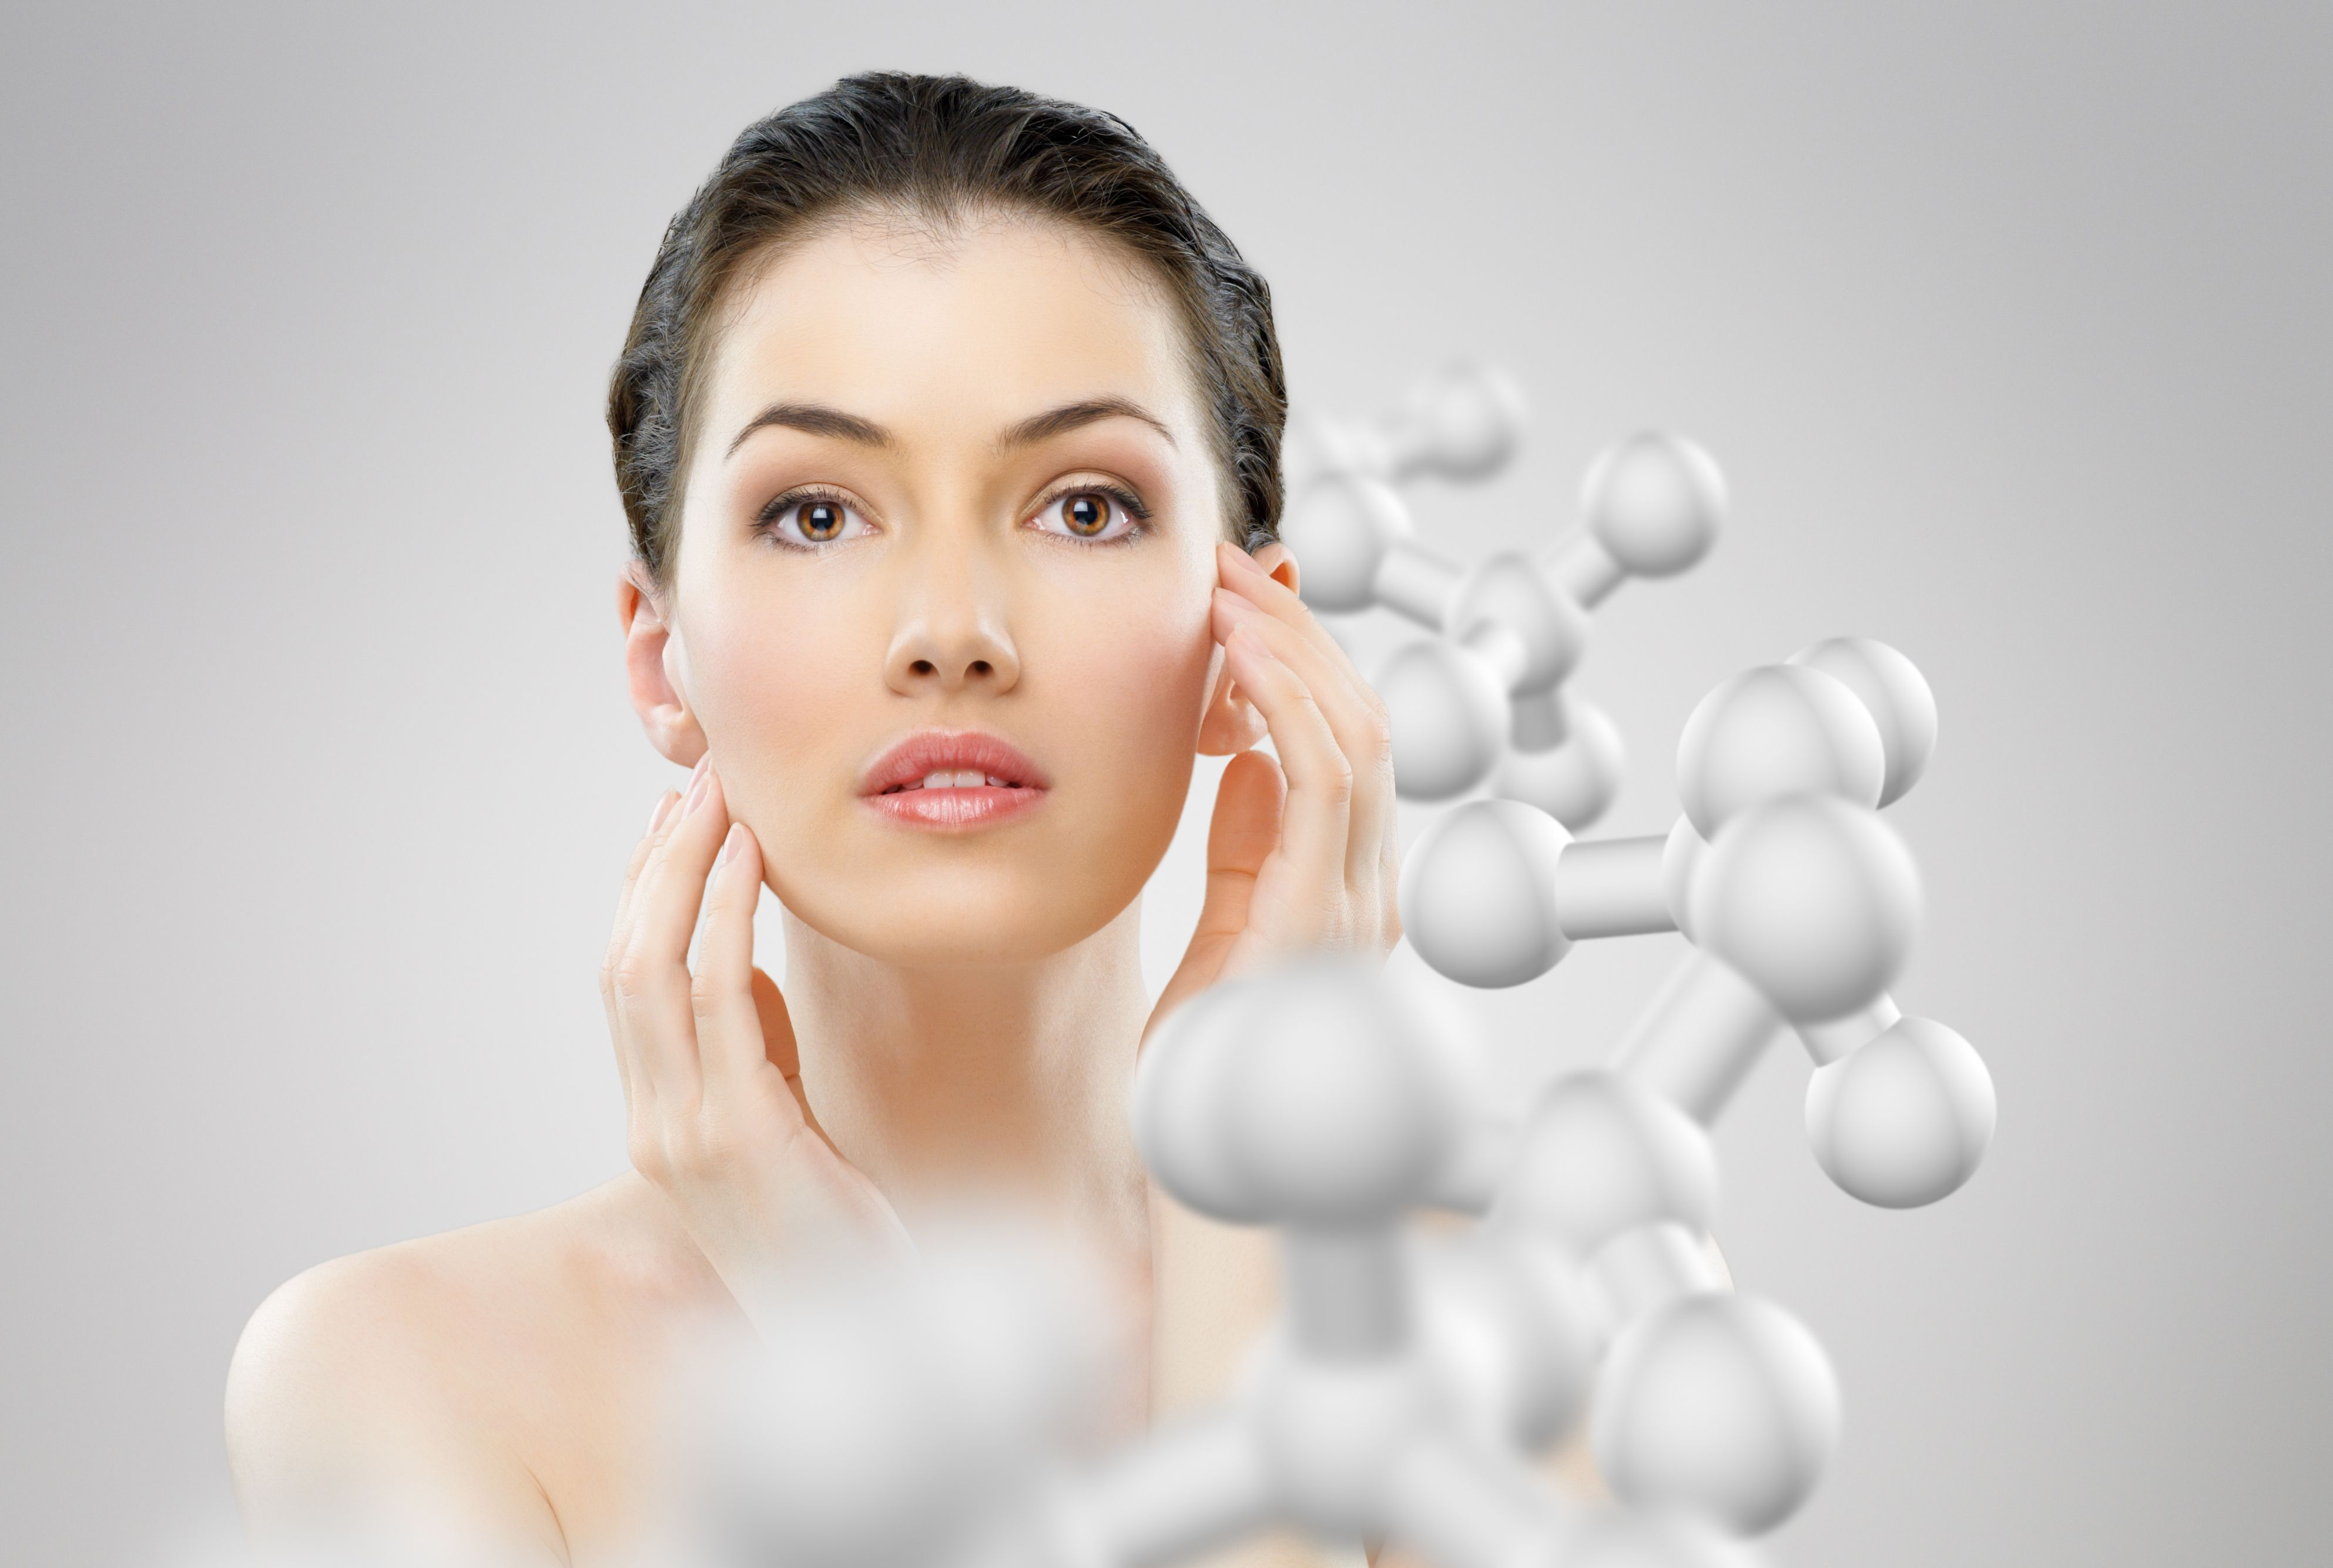 Липосомы в косметологии — что это принесет пользу или вред